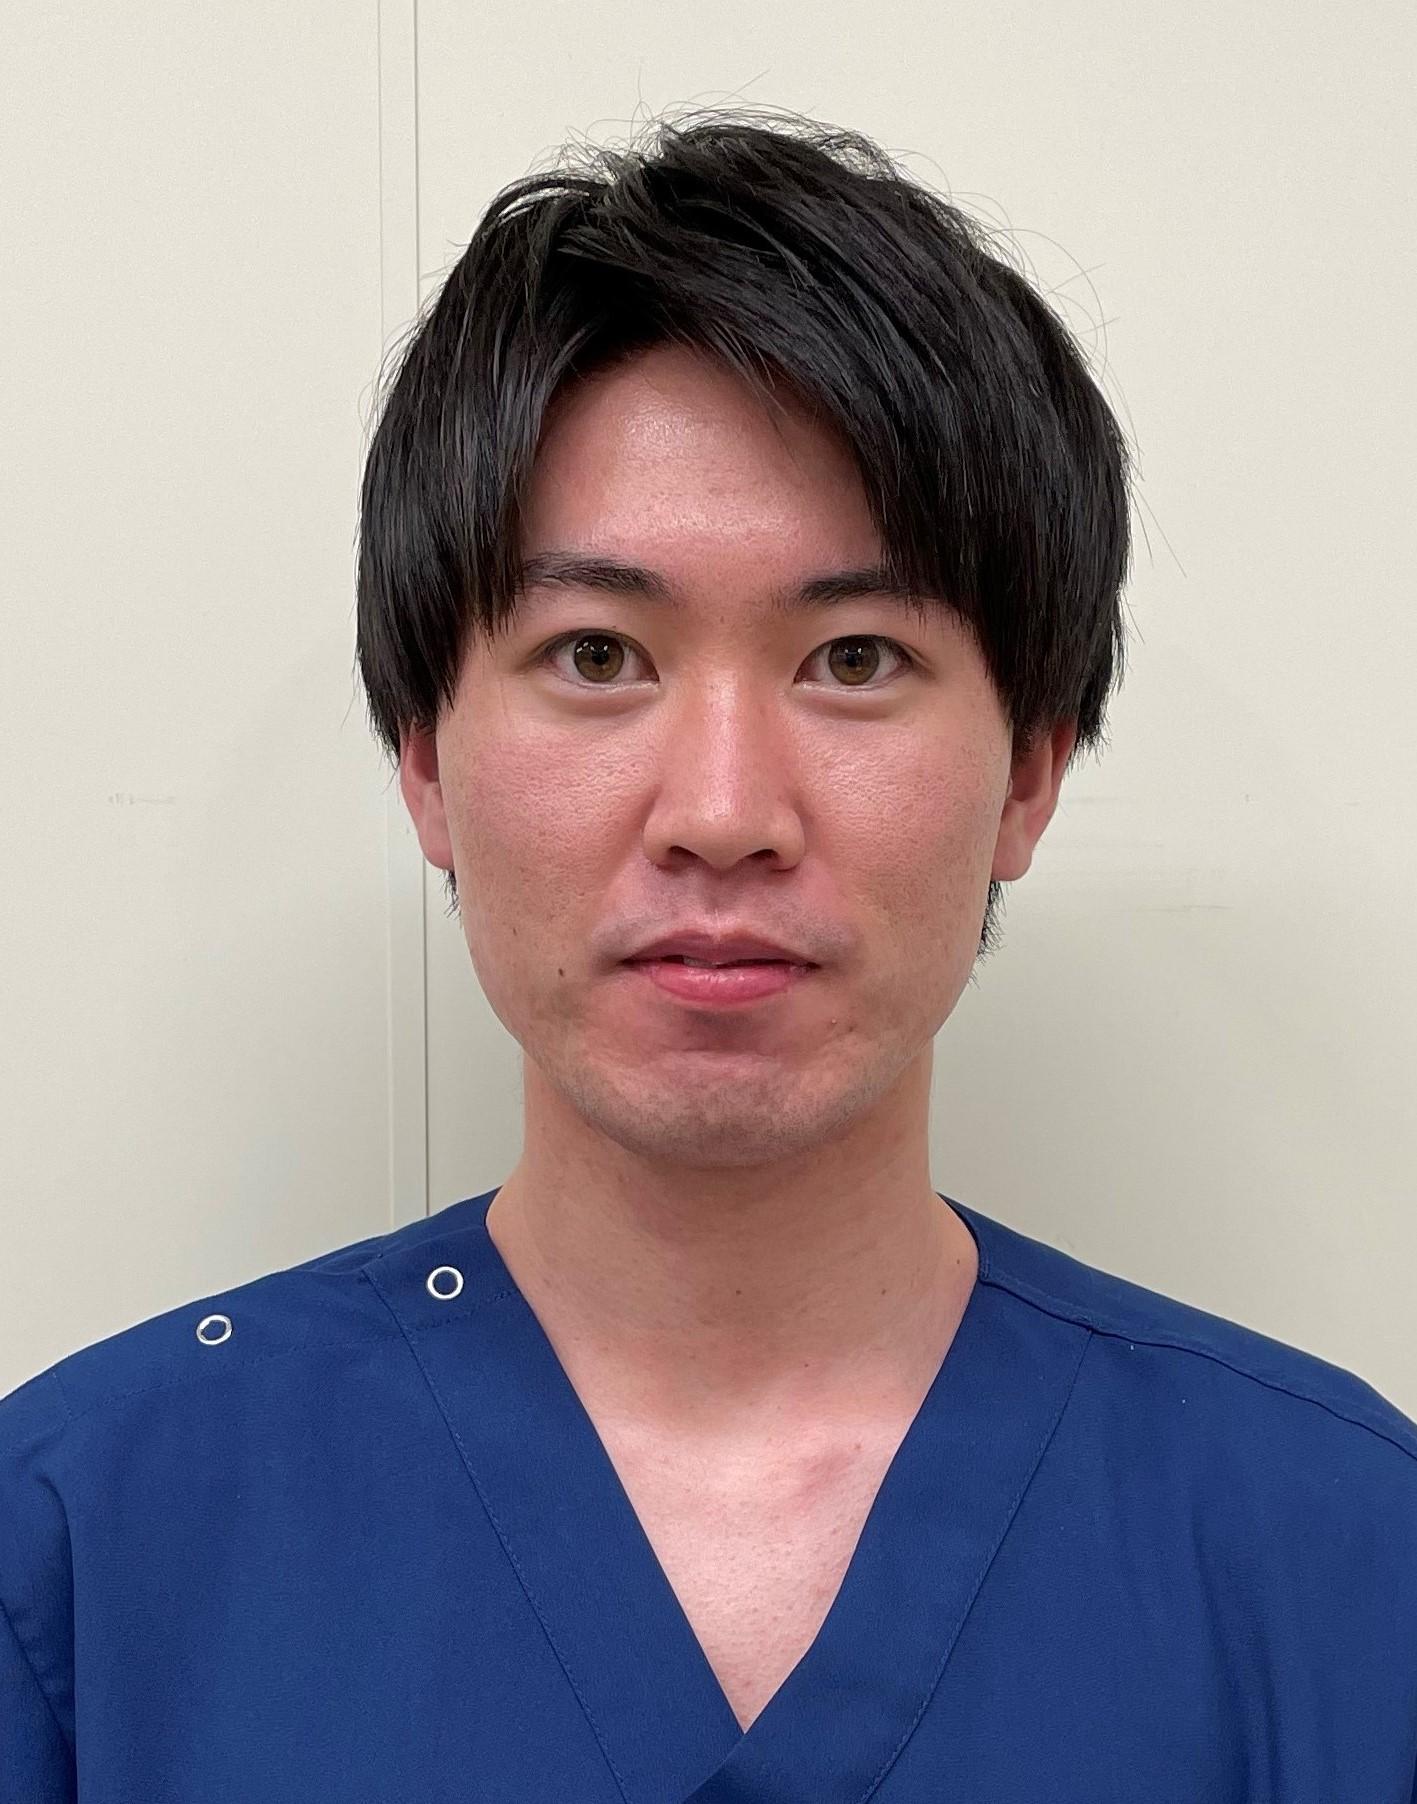 Nohara Soichiro